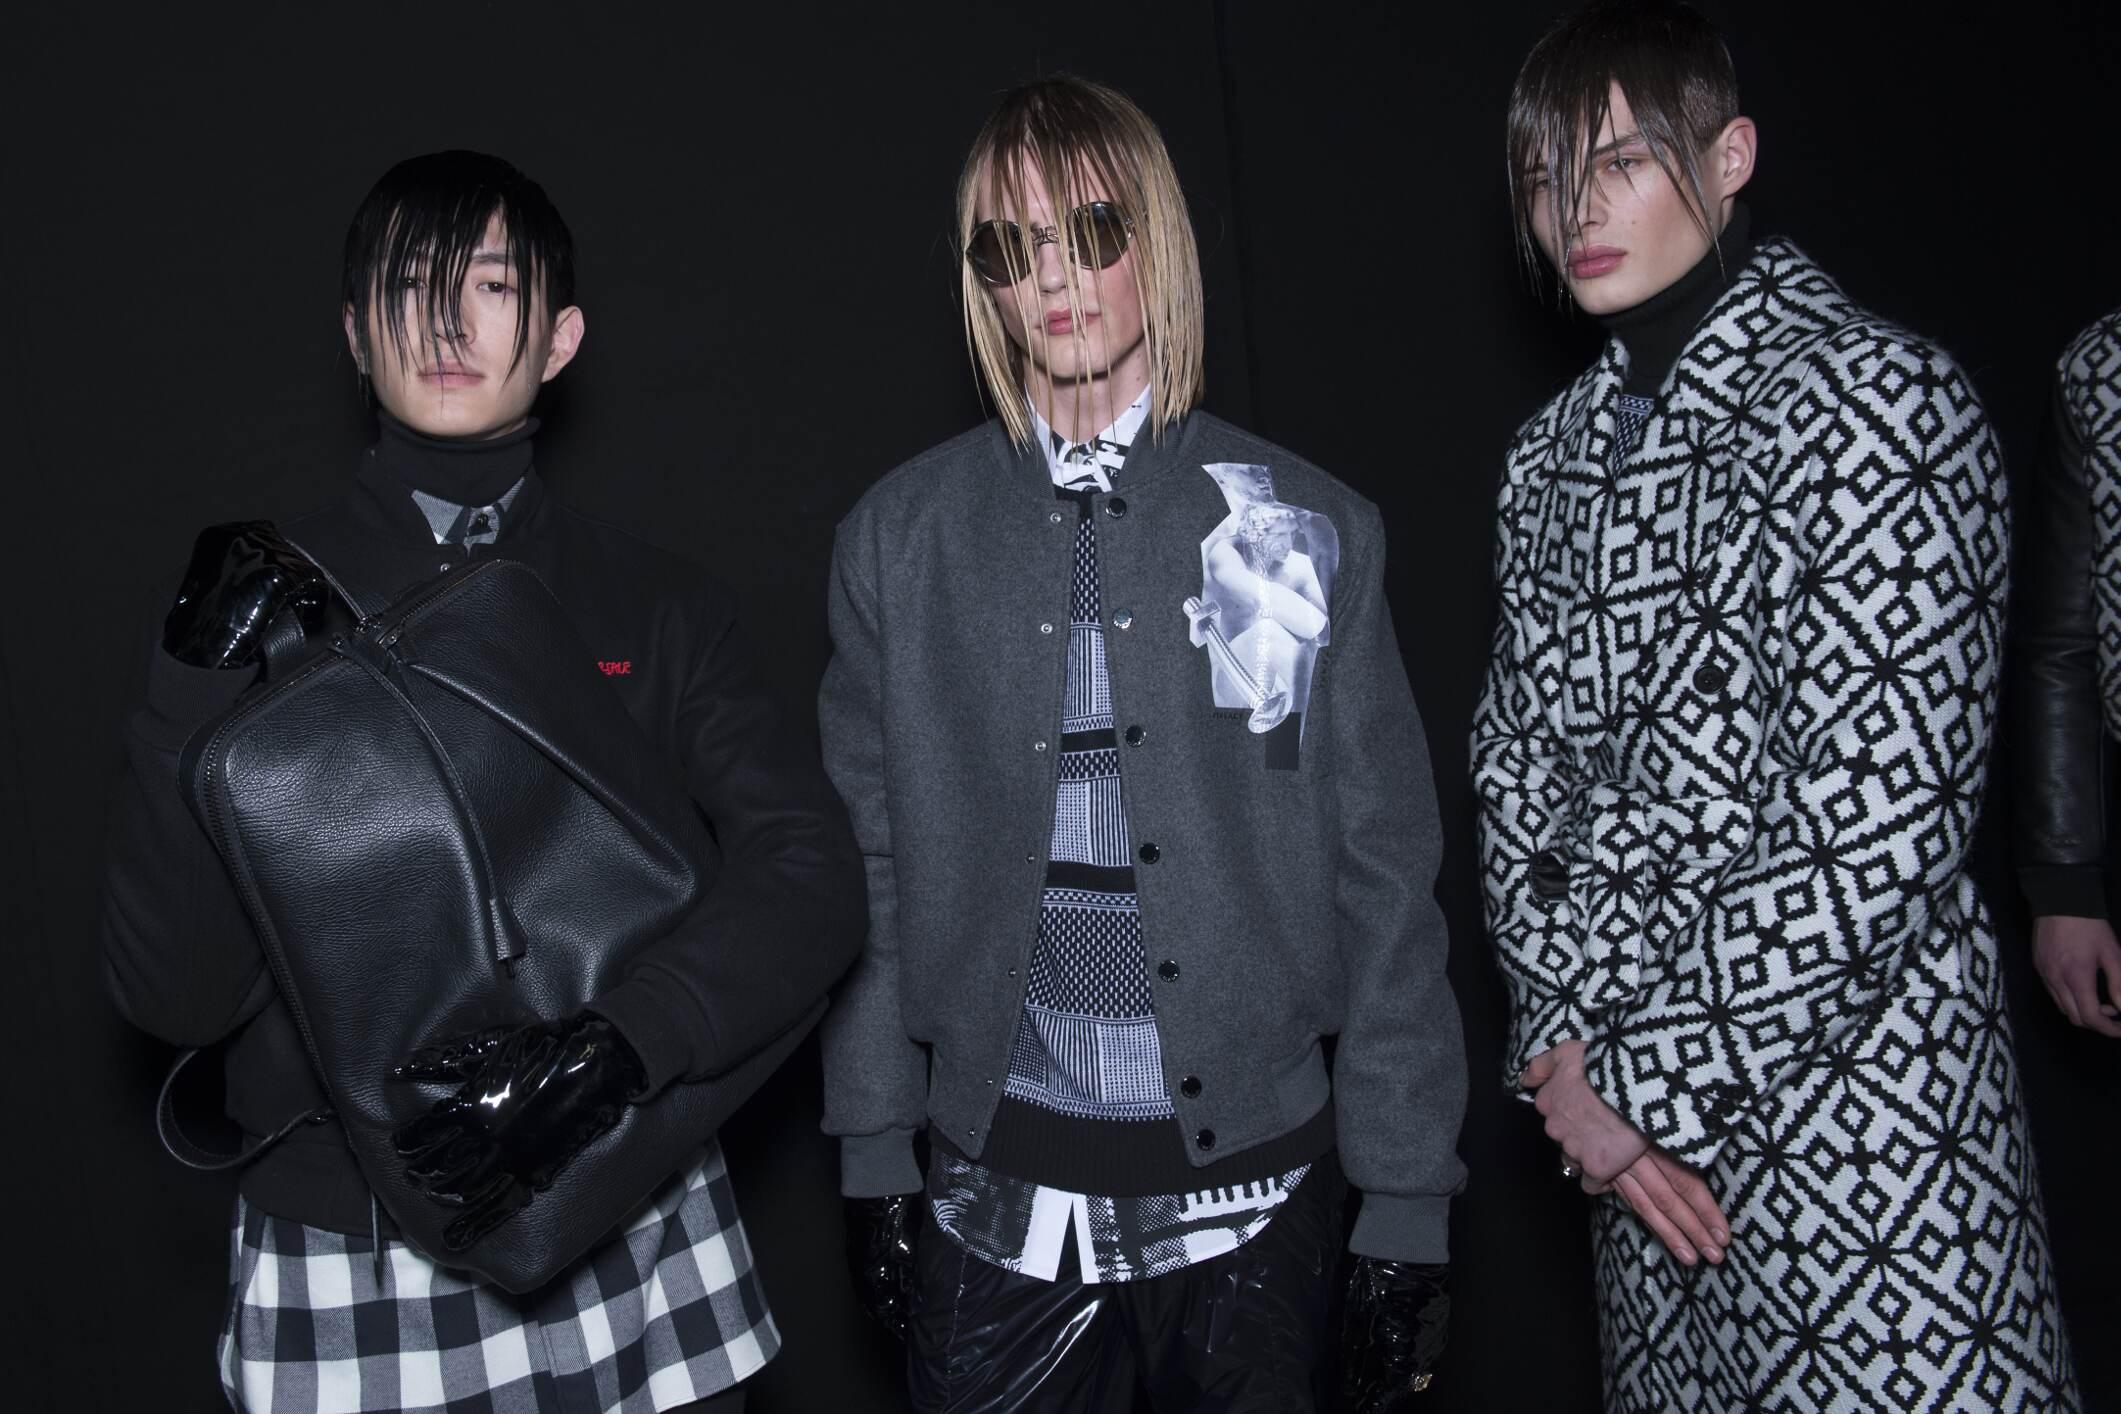 Models Versace Fall 17 18